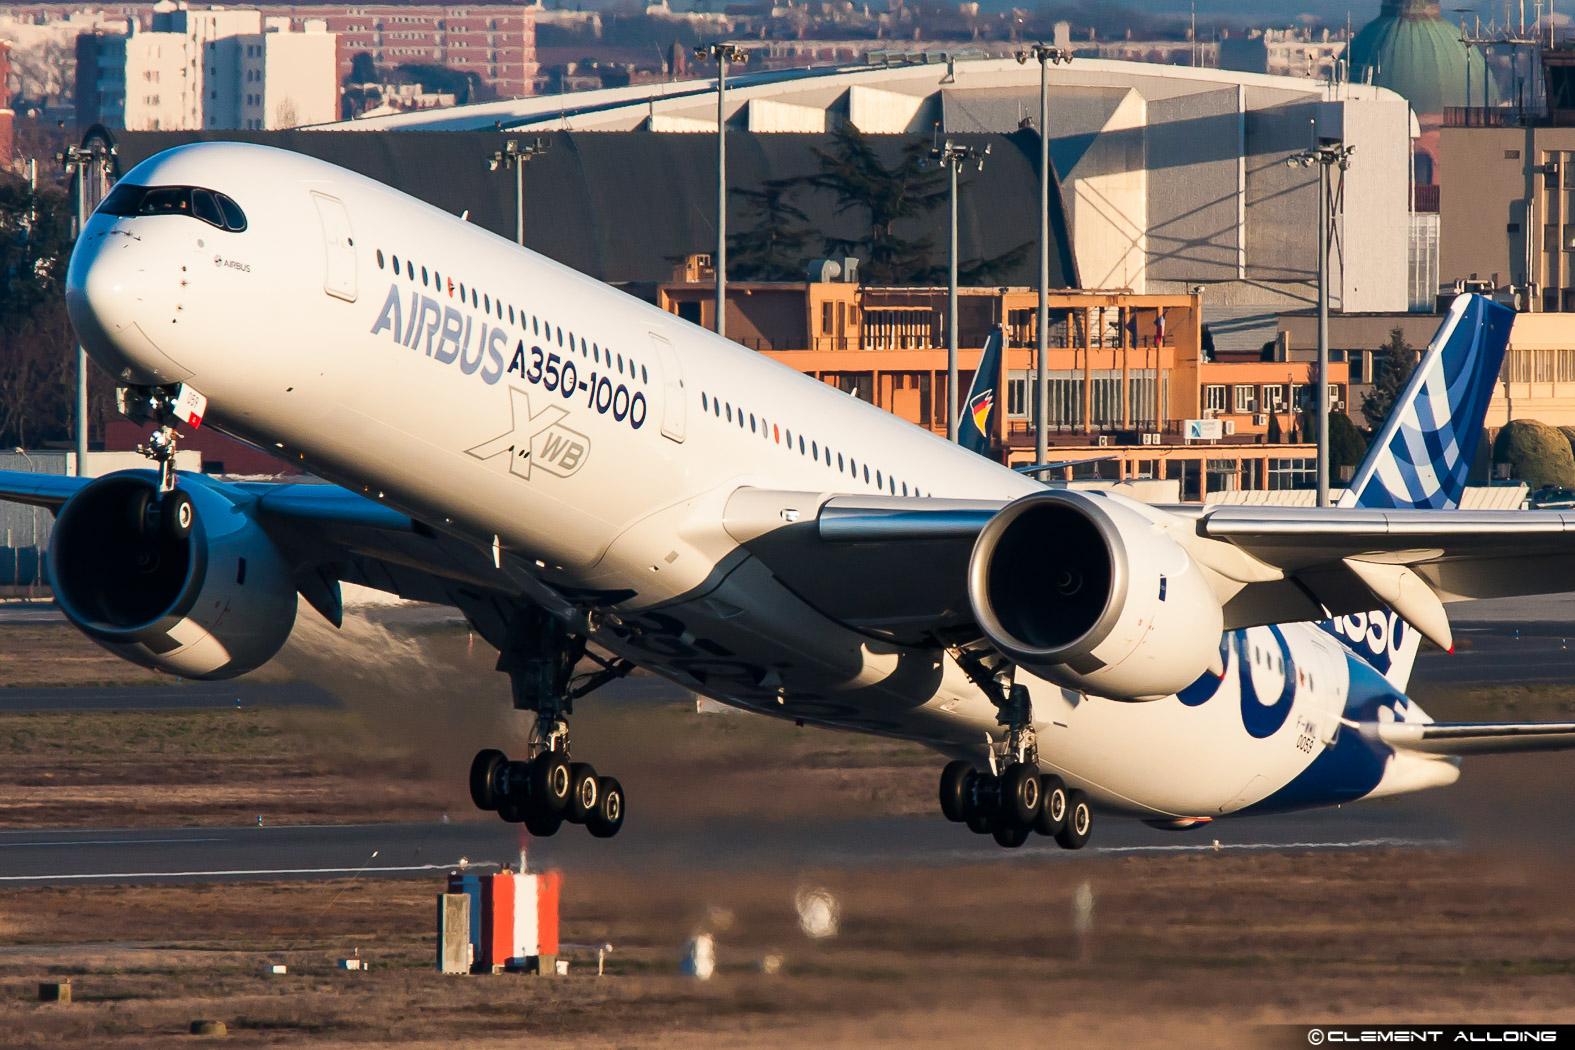 """Résultat de recherche d'images pour """"Airbus A350-1000, paris air show, 2017, 2018"""""""